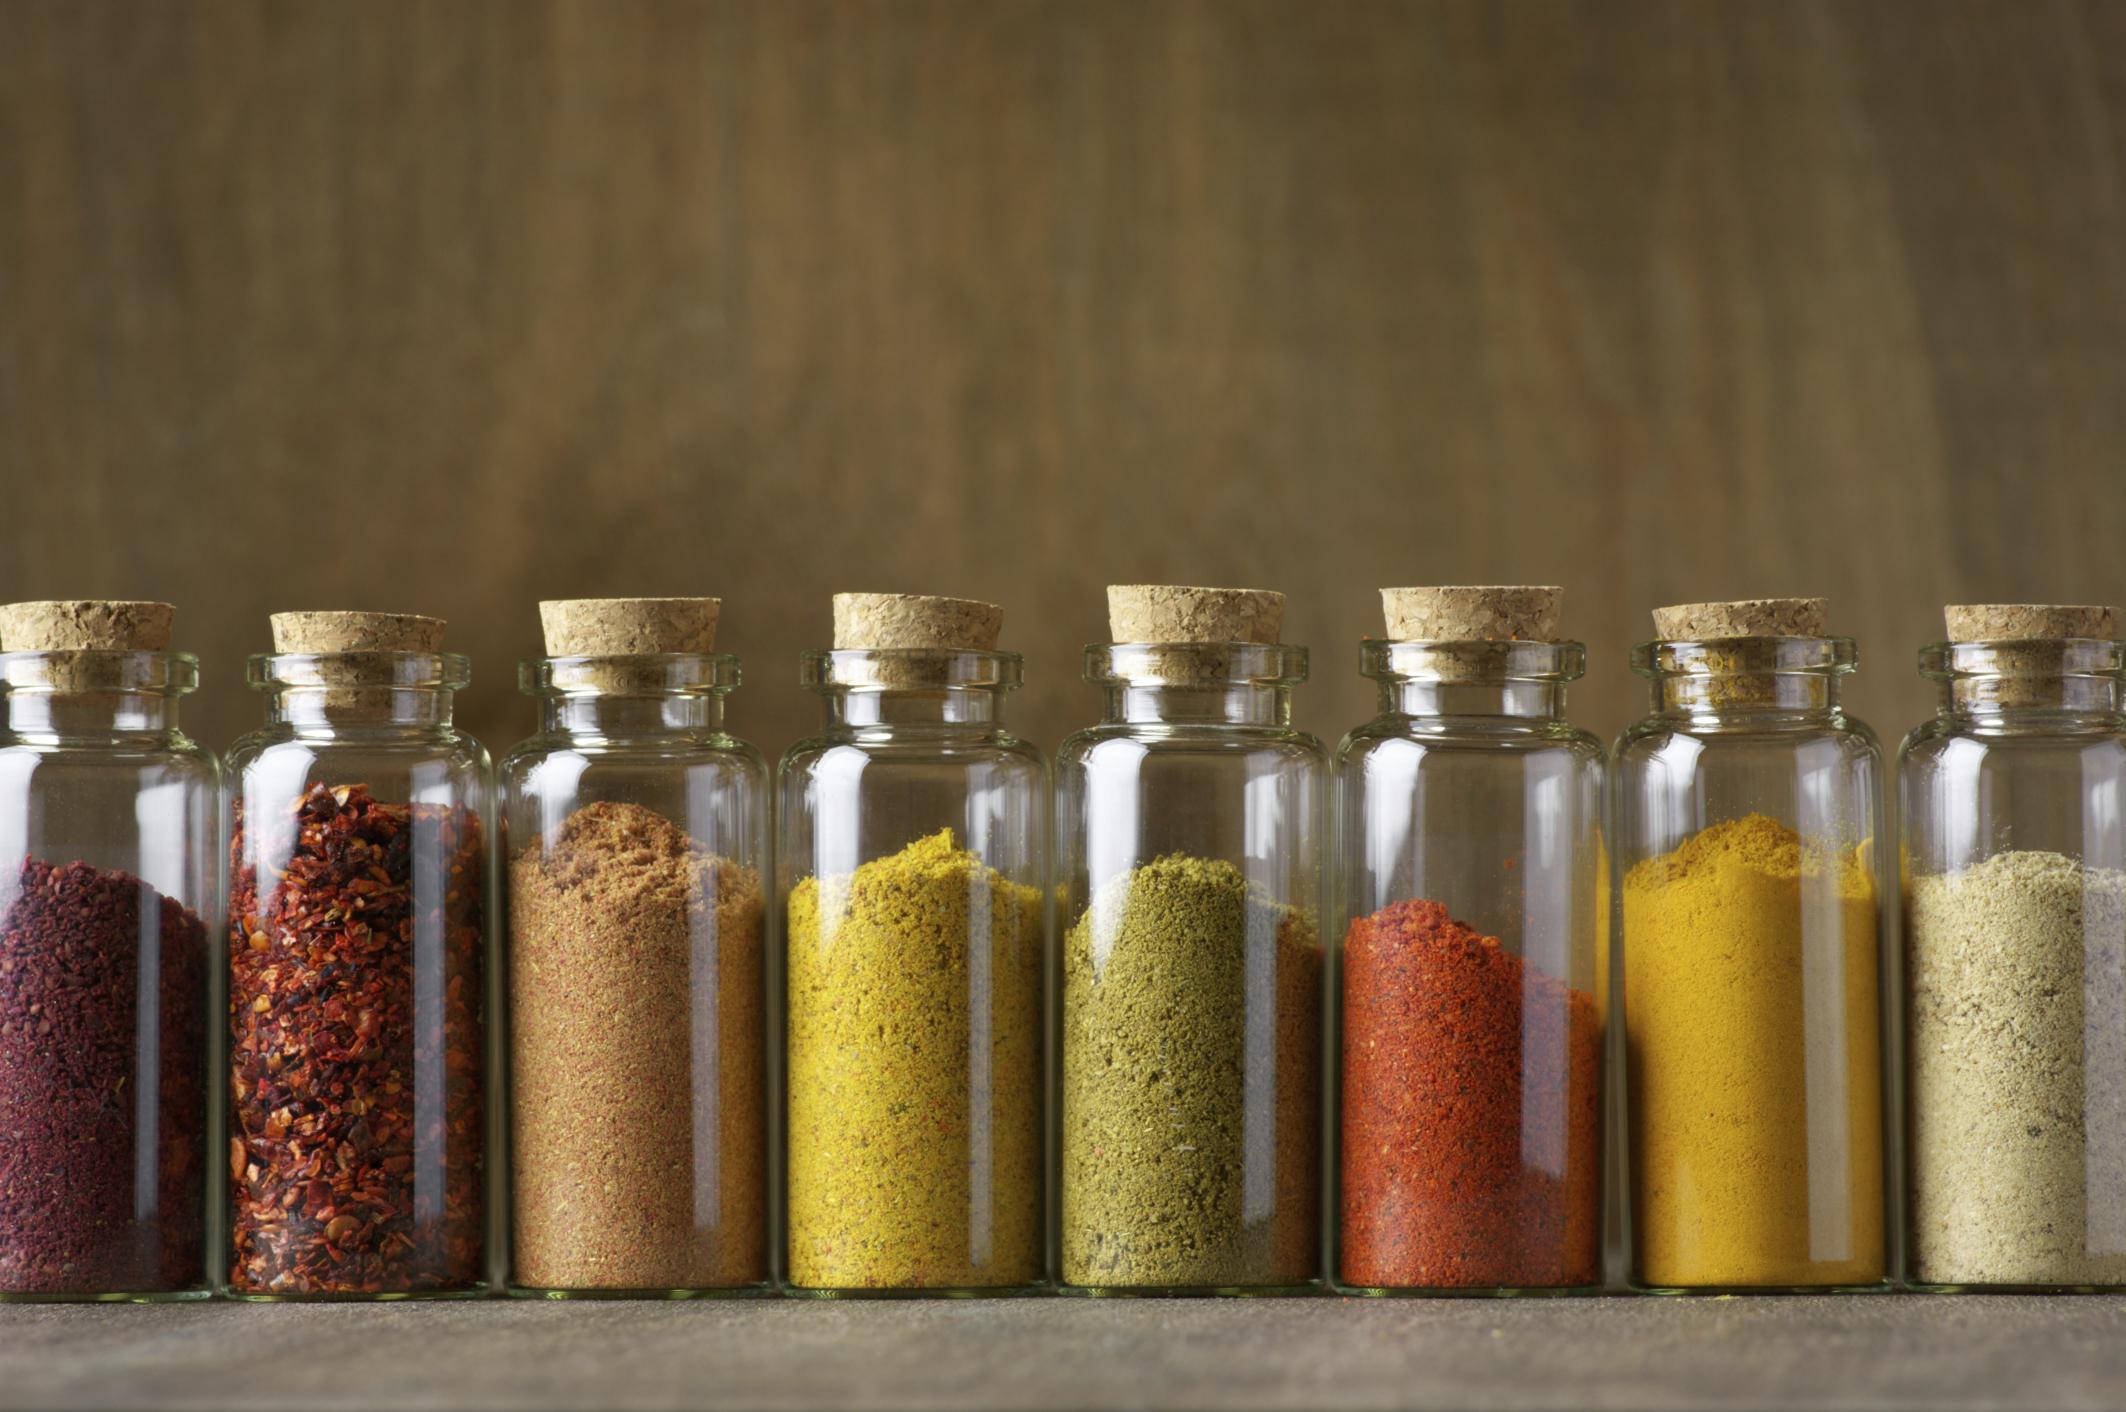 Keuken Rek Kopen : 10 handige tips voor het opbergen van gedroogde kruiden ? Culy.nl